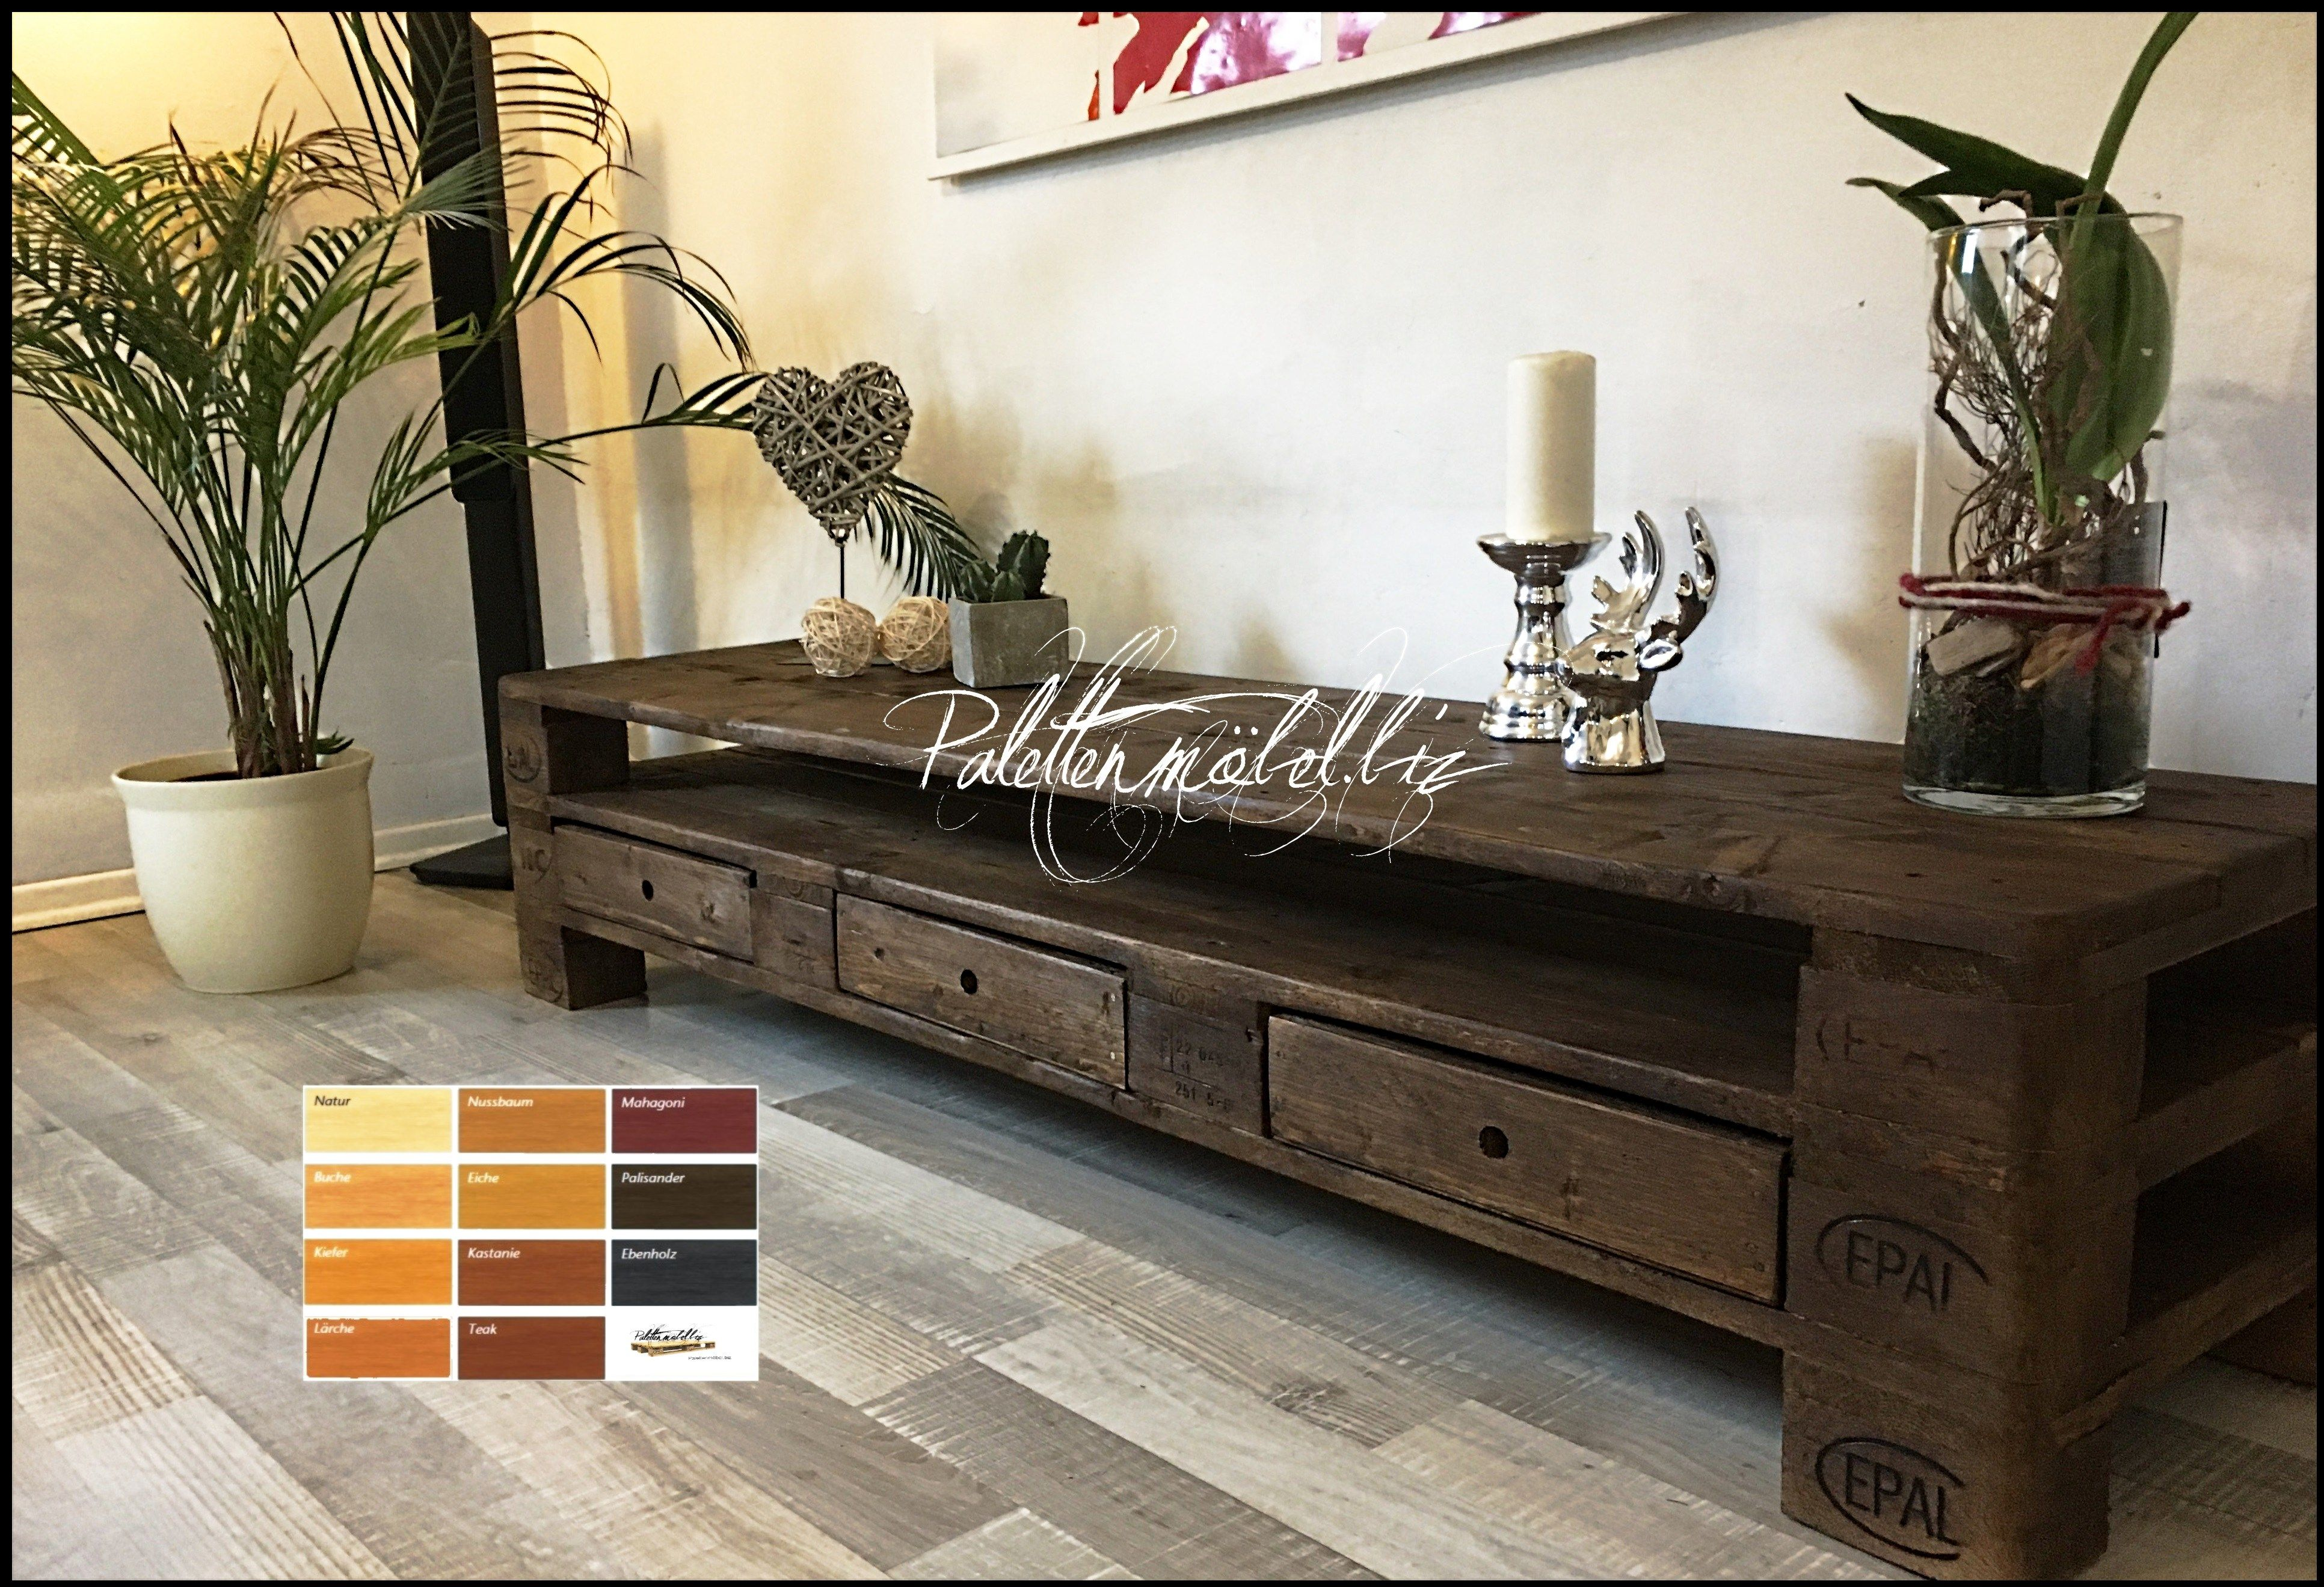 Palettenmobel Tv Sideboard Kommode Mit Einer Lange Von 180 Cm